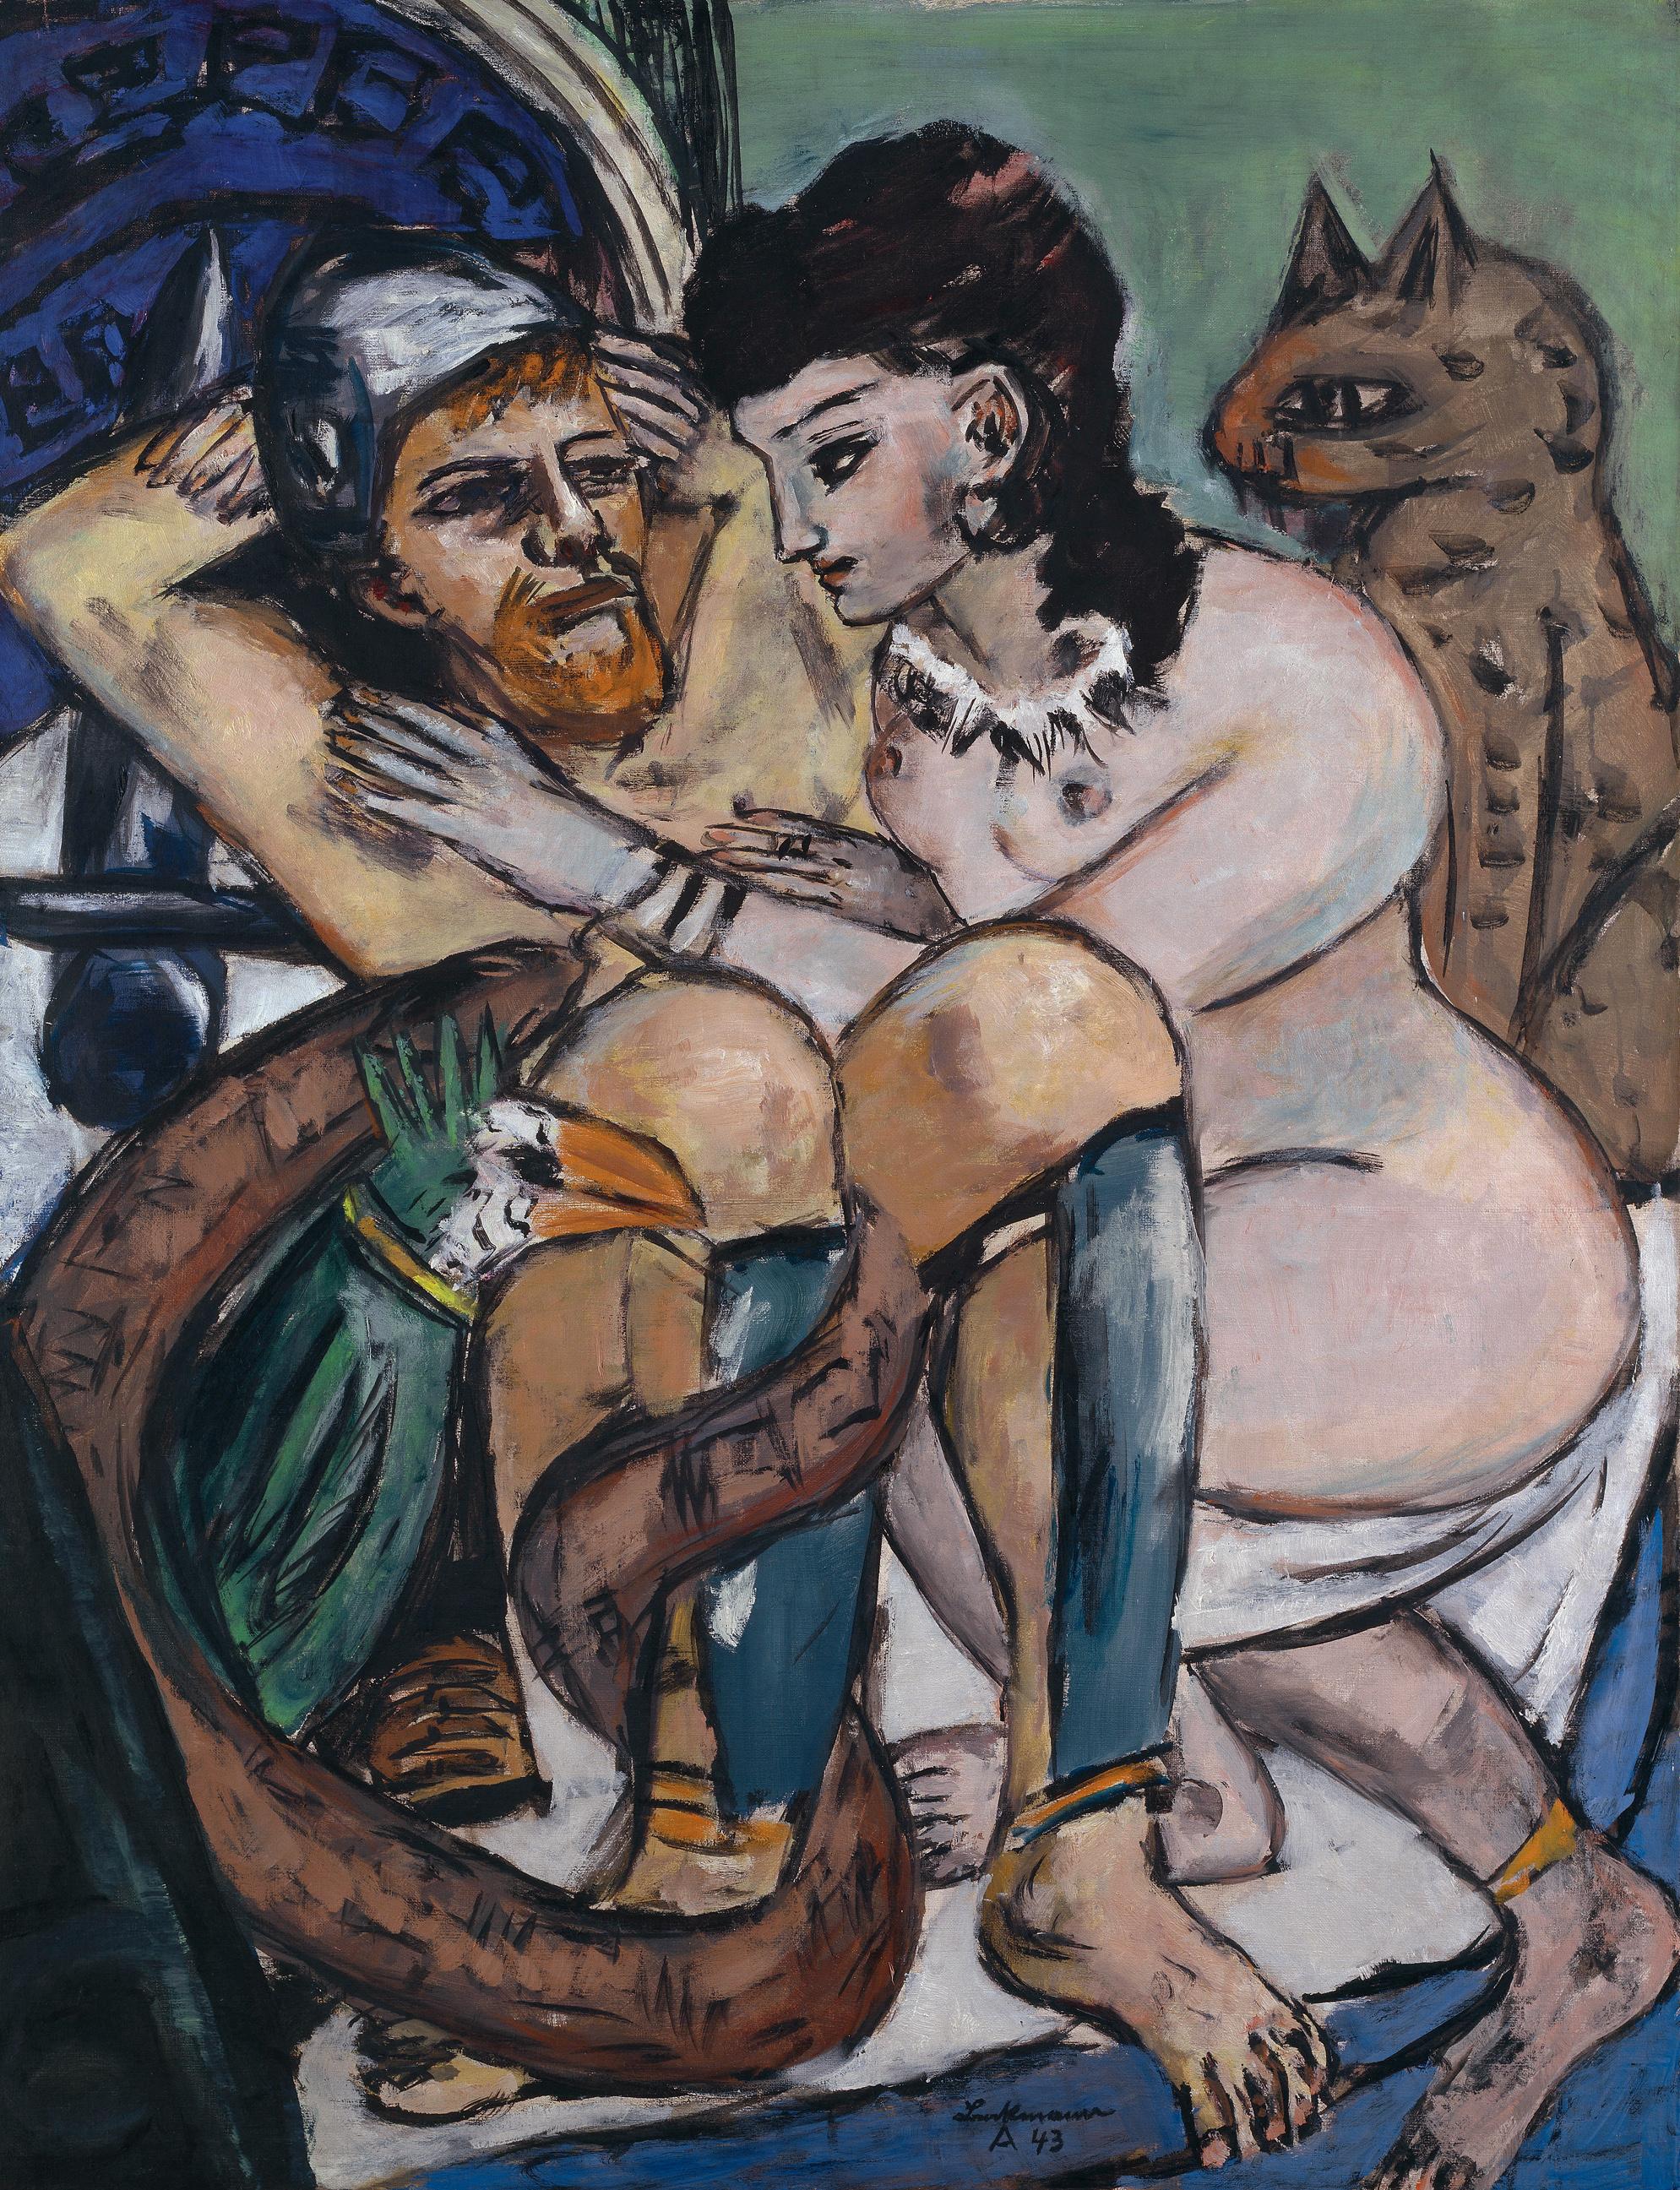 Max Beckmann (1884–1950). Odysseus und Kalypso, 1943. Öl auf Leinwand, 150 x 115,5 cm. Hamburger Kunsthalle © VG Bild-Kunst, Bonn 2020 © Hamburger Kunsthalle / bpk Foto: Elke Walford